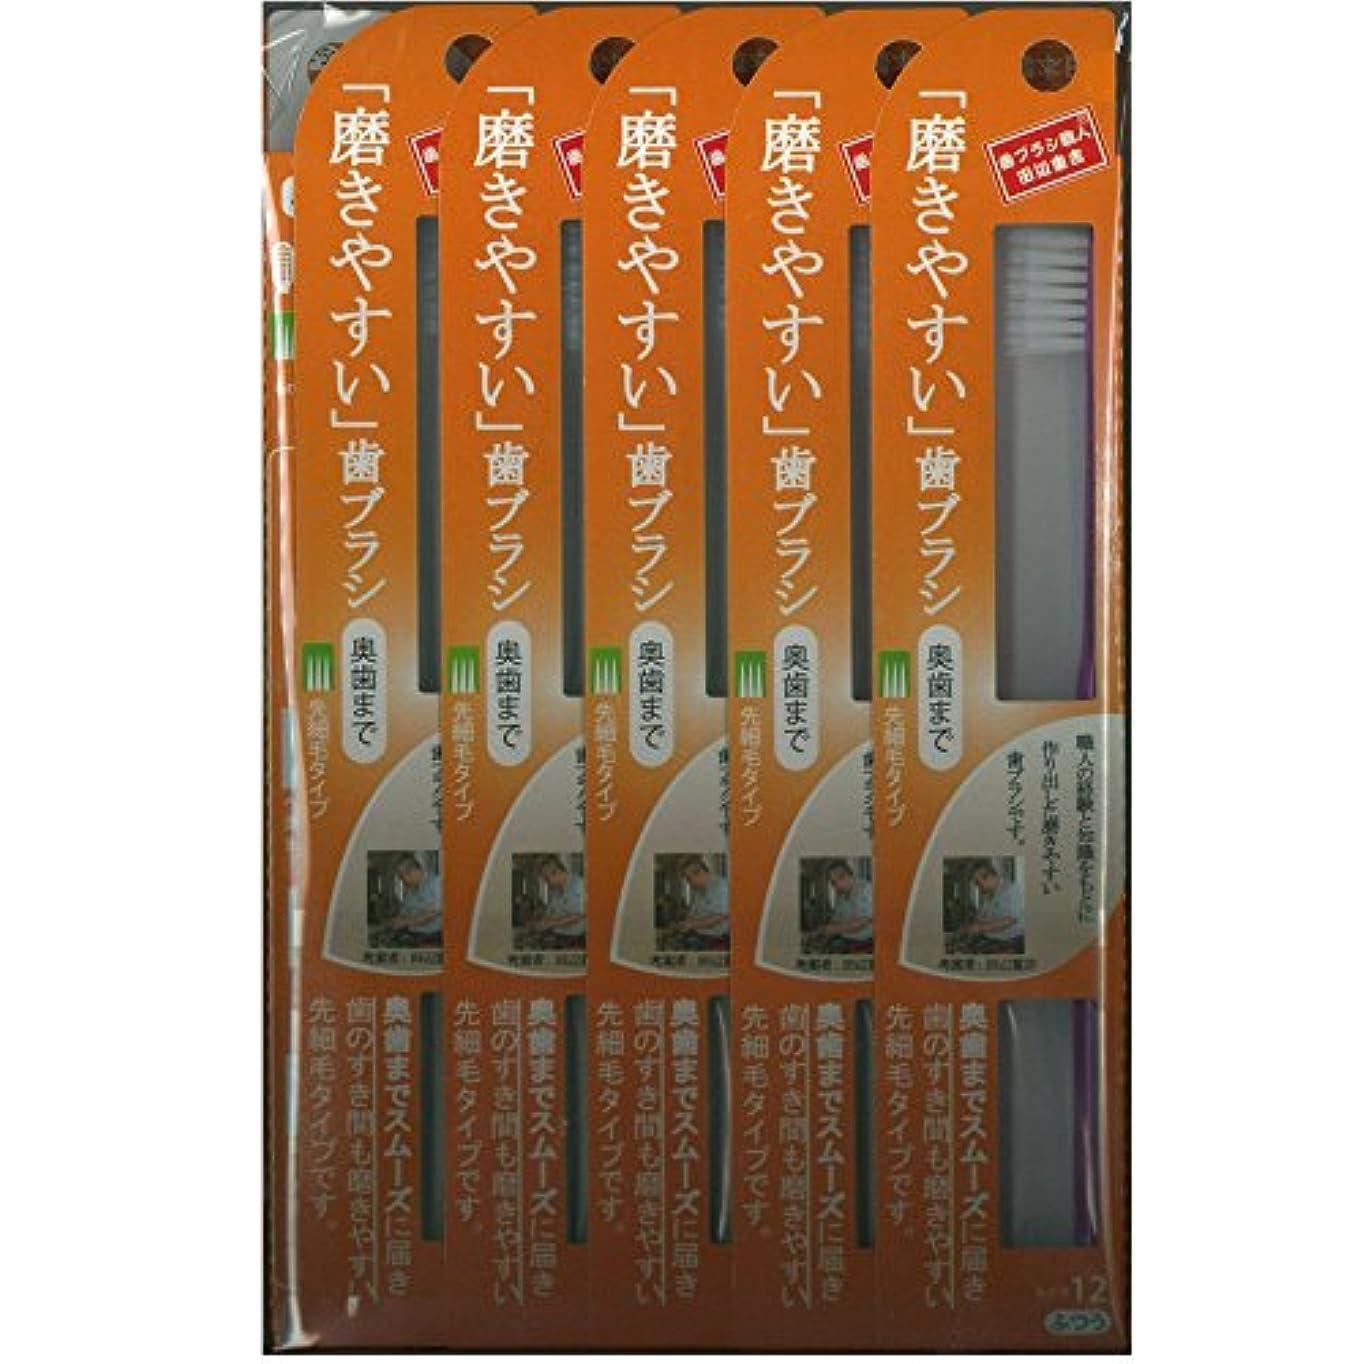 嫌いどちらか重大磨きやすい歯ブラシ(奥歯まで)先細 LT-12×12本セット( ピンク×4本、ブルー×4本、グリーン×2本、パープル×2本)